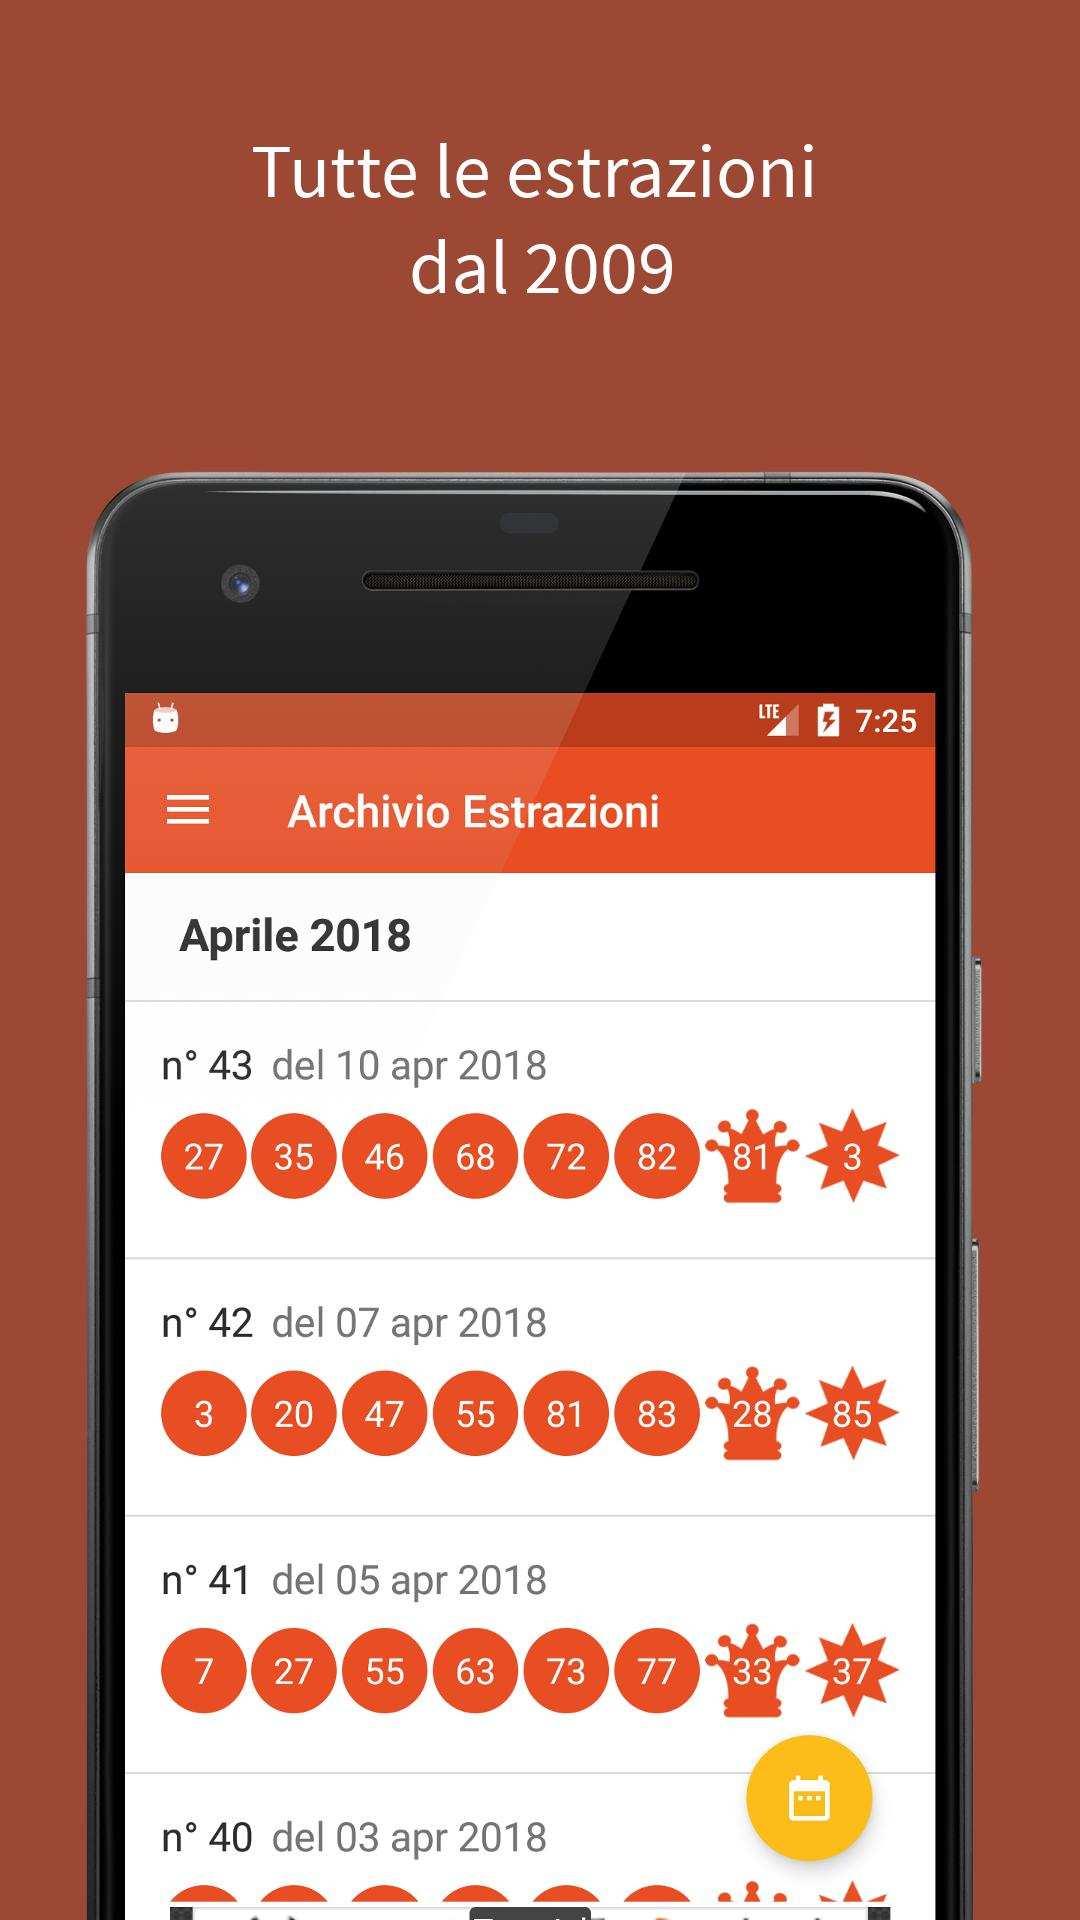 Итальянская лотерея superenalotto - правила, история и т.д.